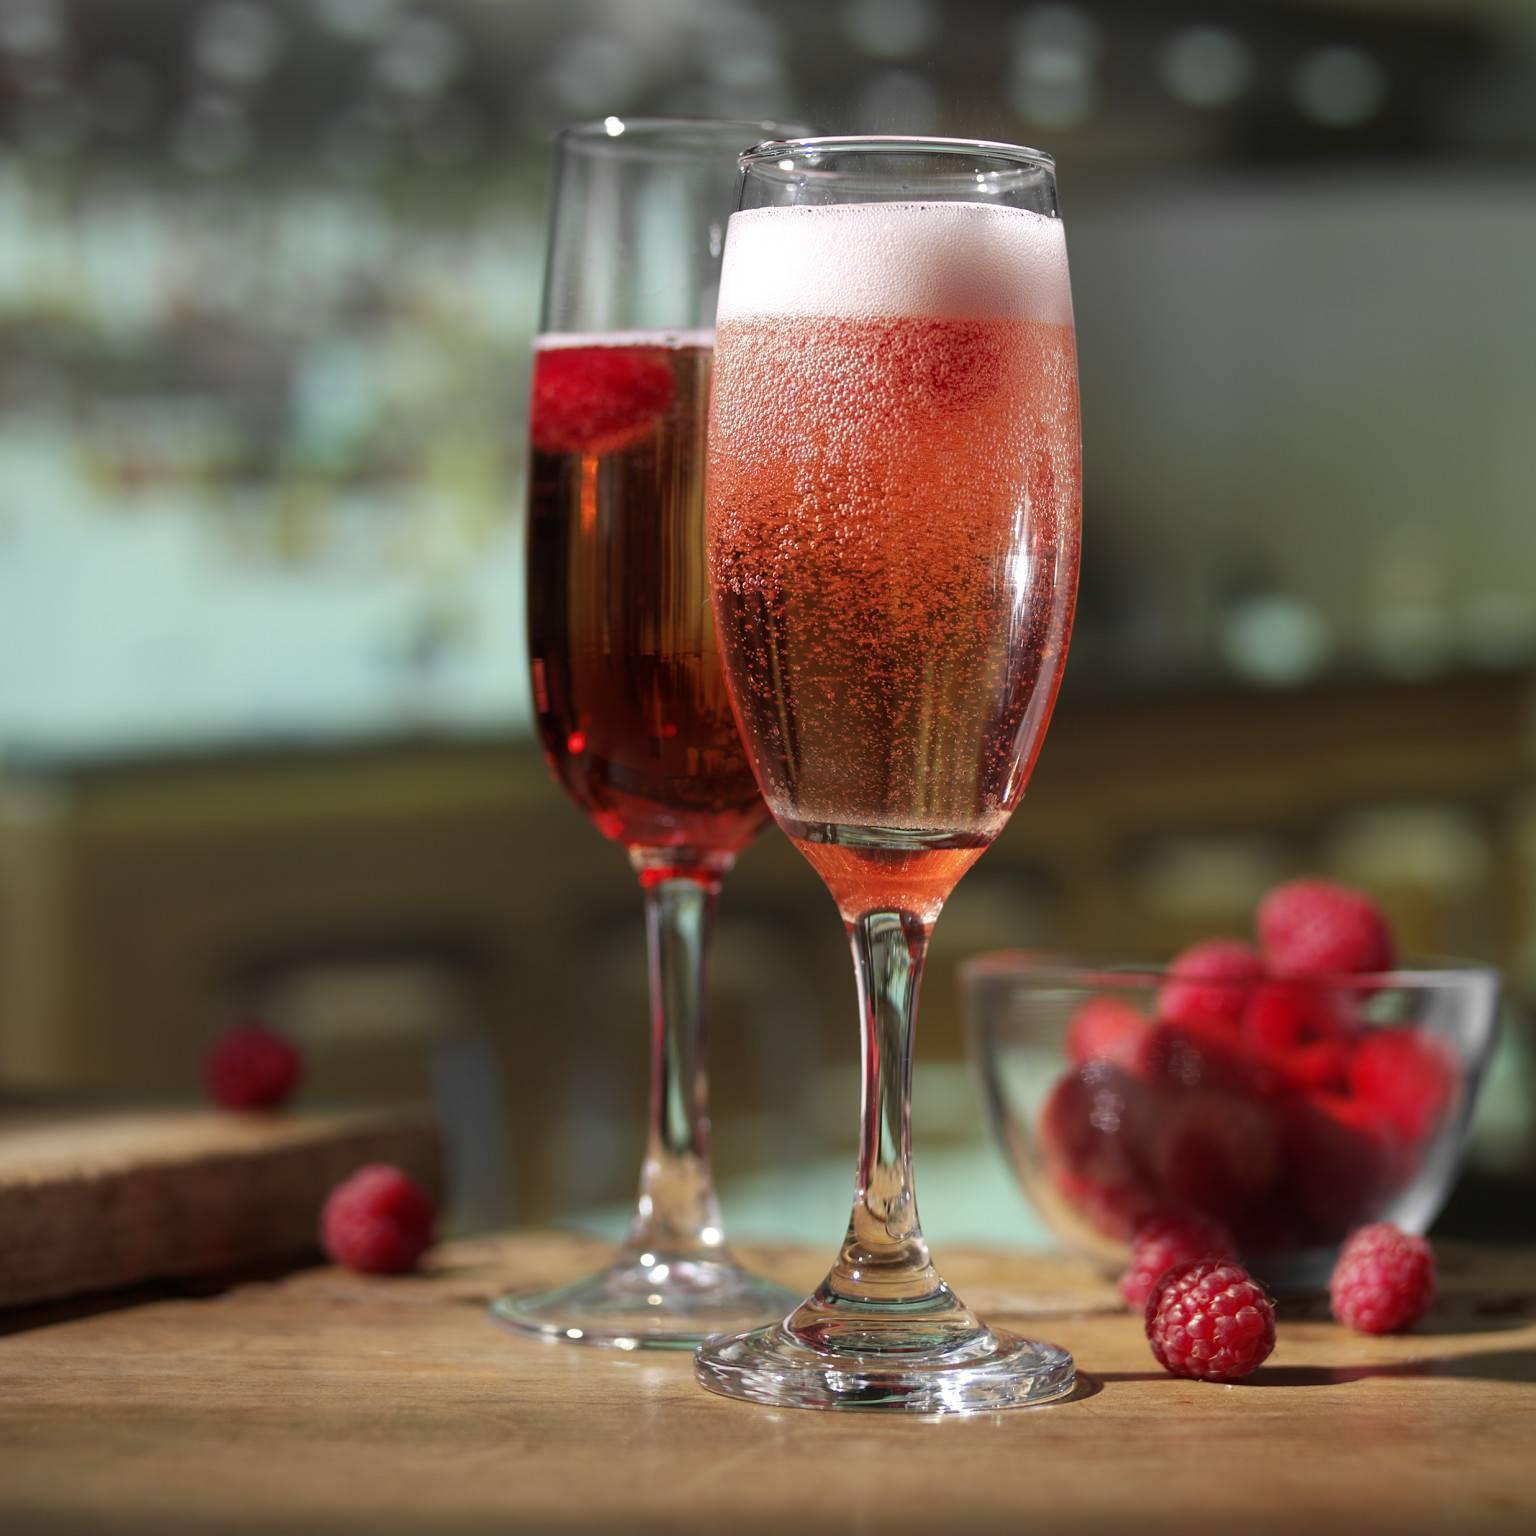 Название коктейля шампанское с черносмородиновым ликером. коктейль с военной историей – кир рояль. появление «королевского» варианта